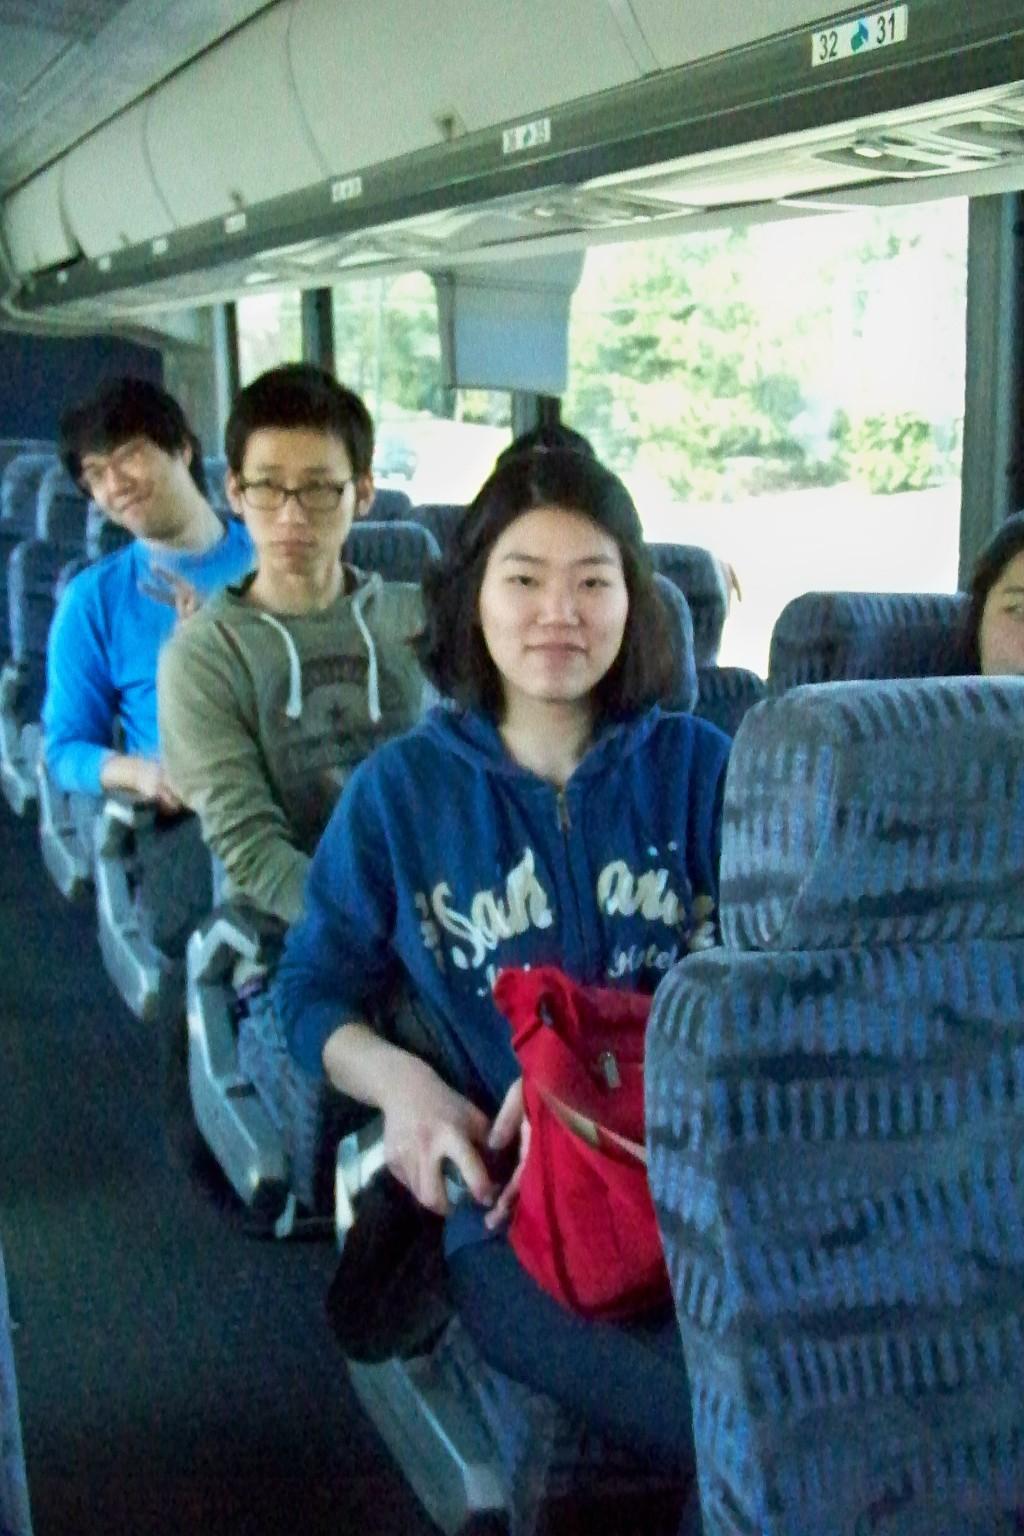 버스로 이동 중 입니다